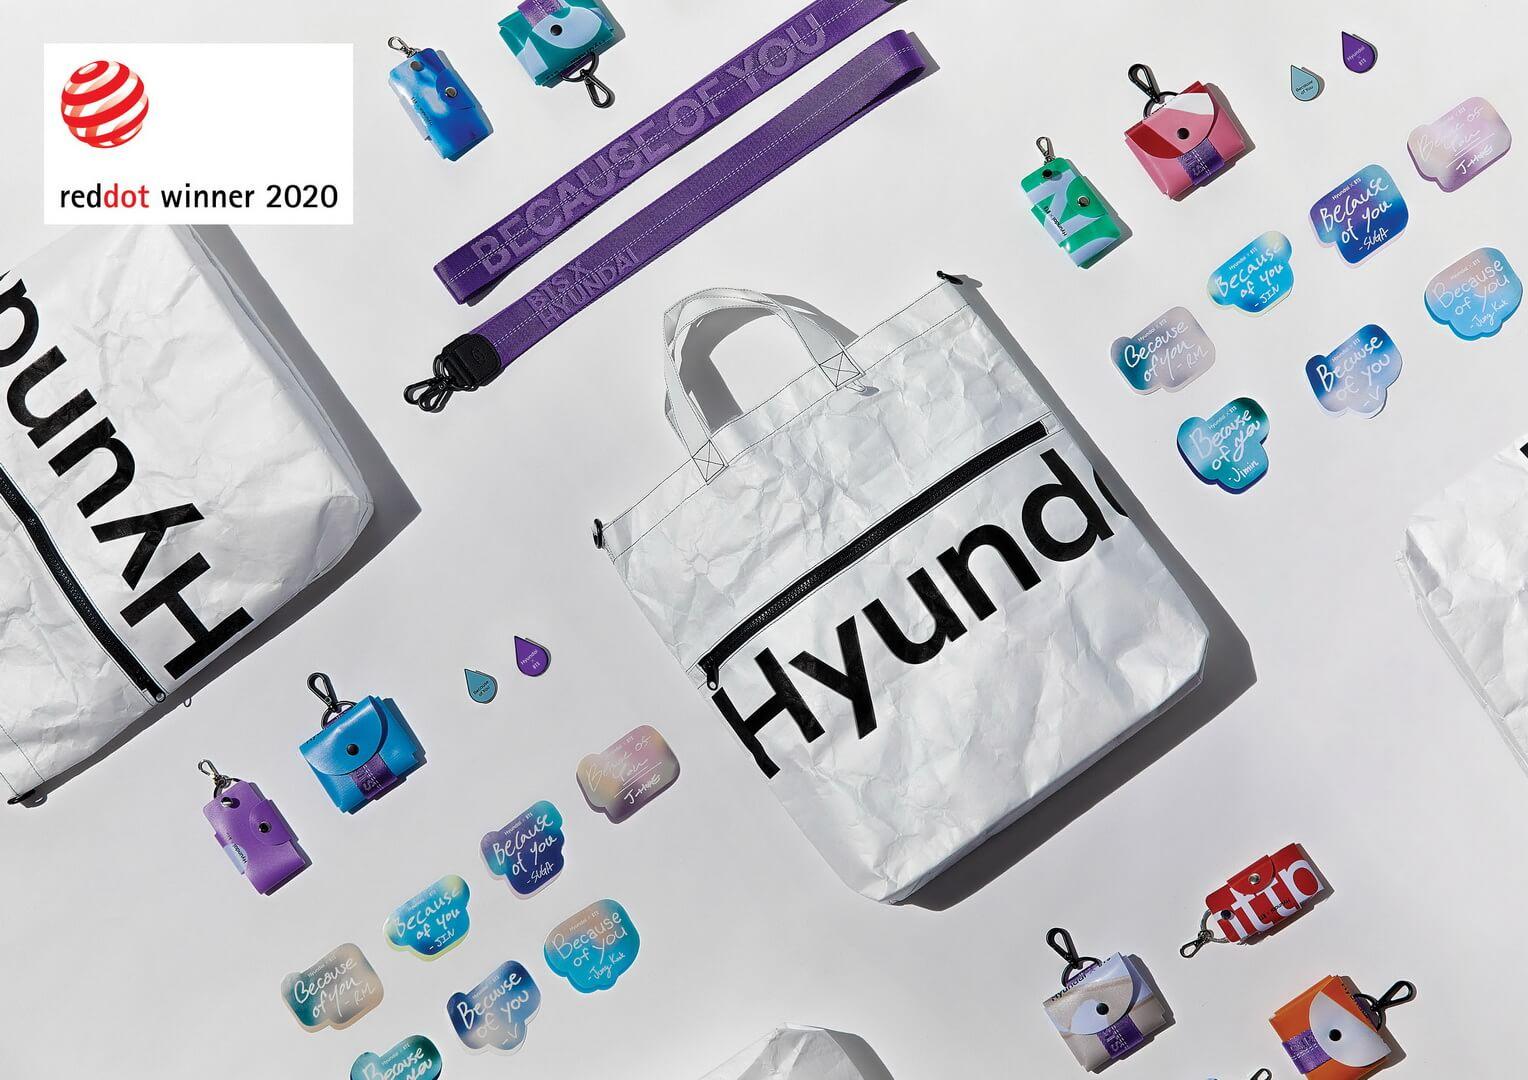 Співпраця Hyundai із популярним музичним гуртом BTS увінчалась випуском колекції з шести предметів